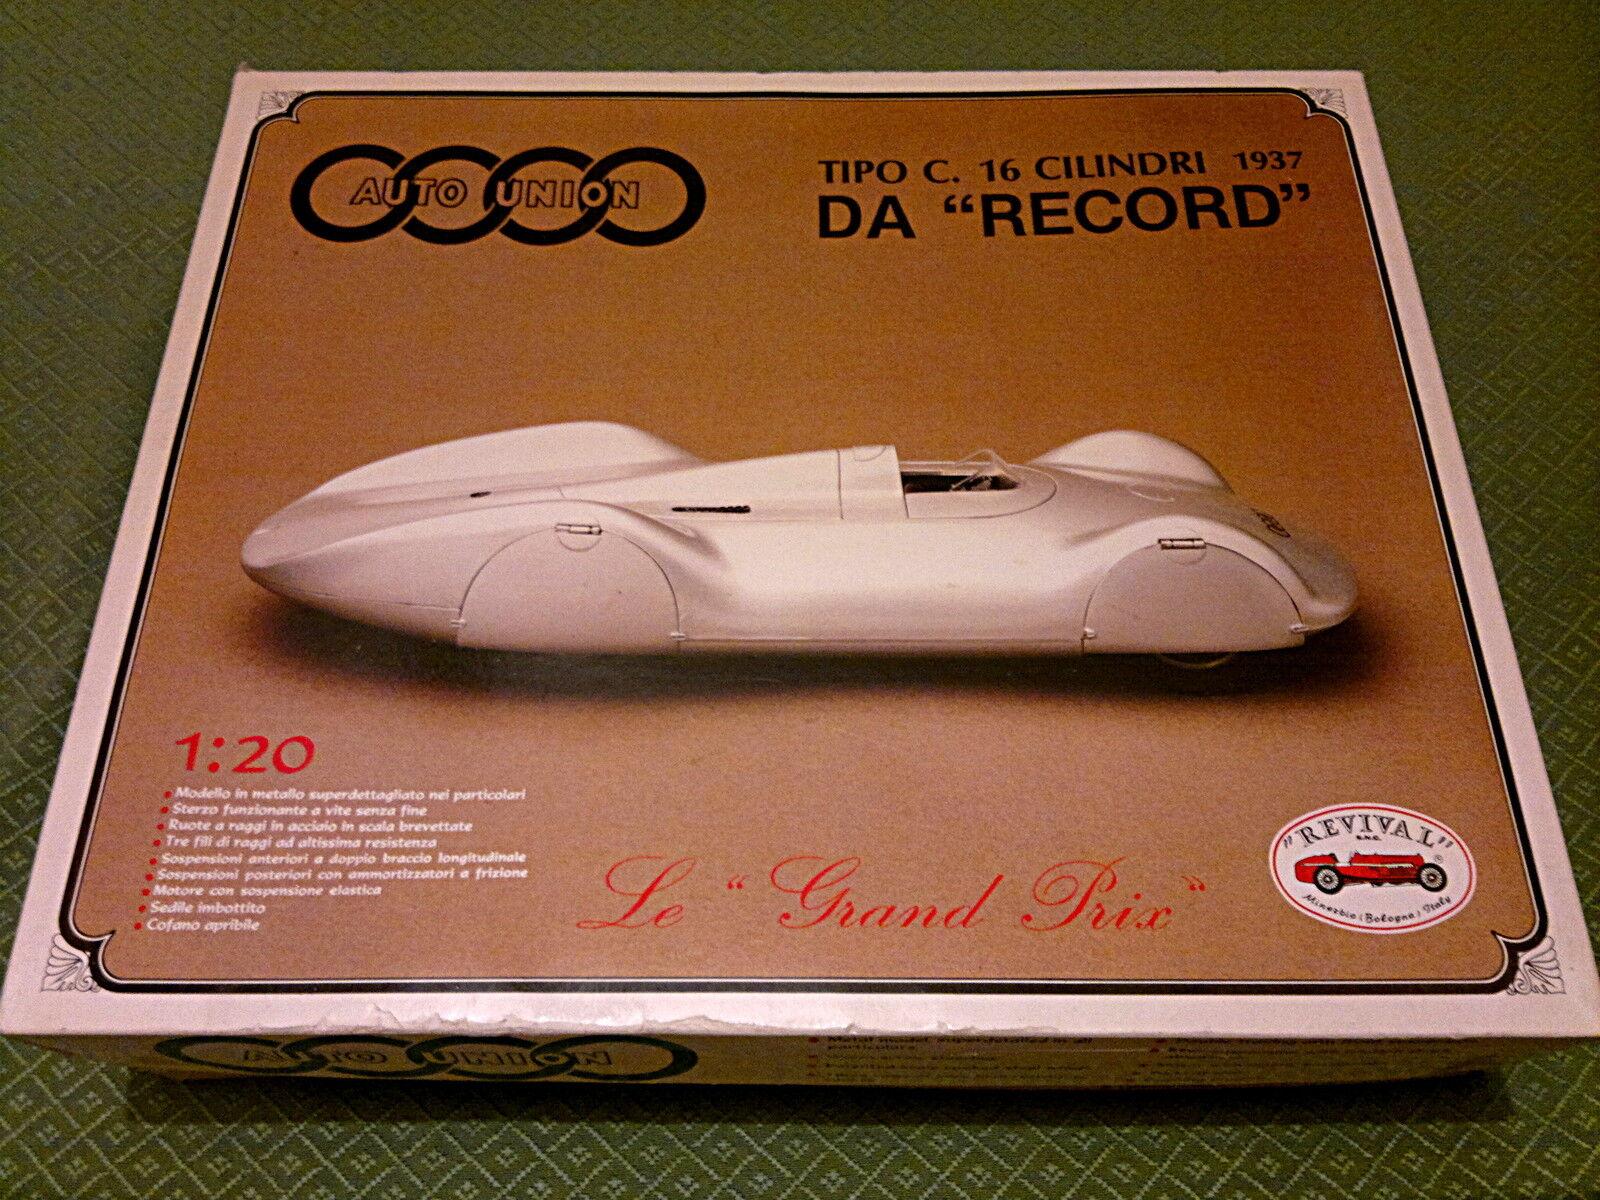 Revival Auto Union Typ C Rekordwagen 1937 Le Grand Prix Rosemeyer Titans